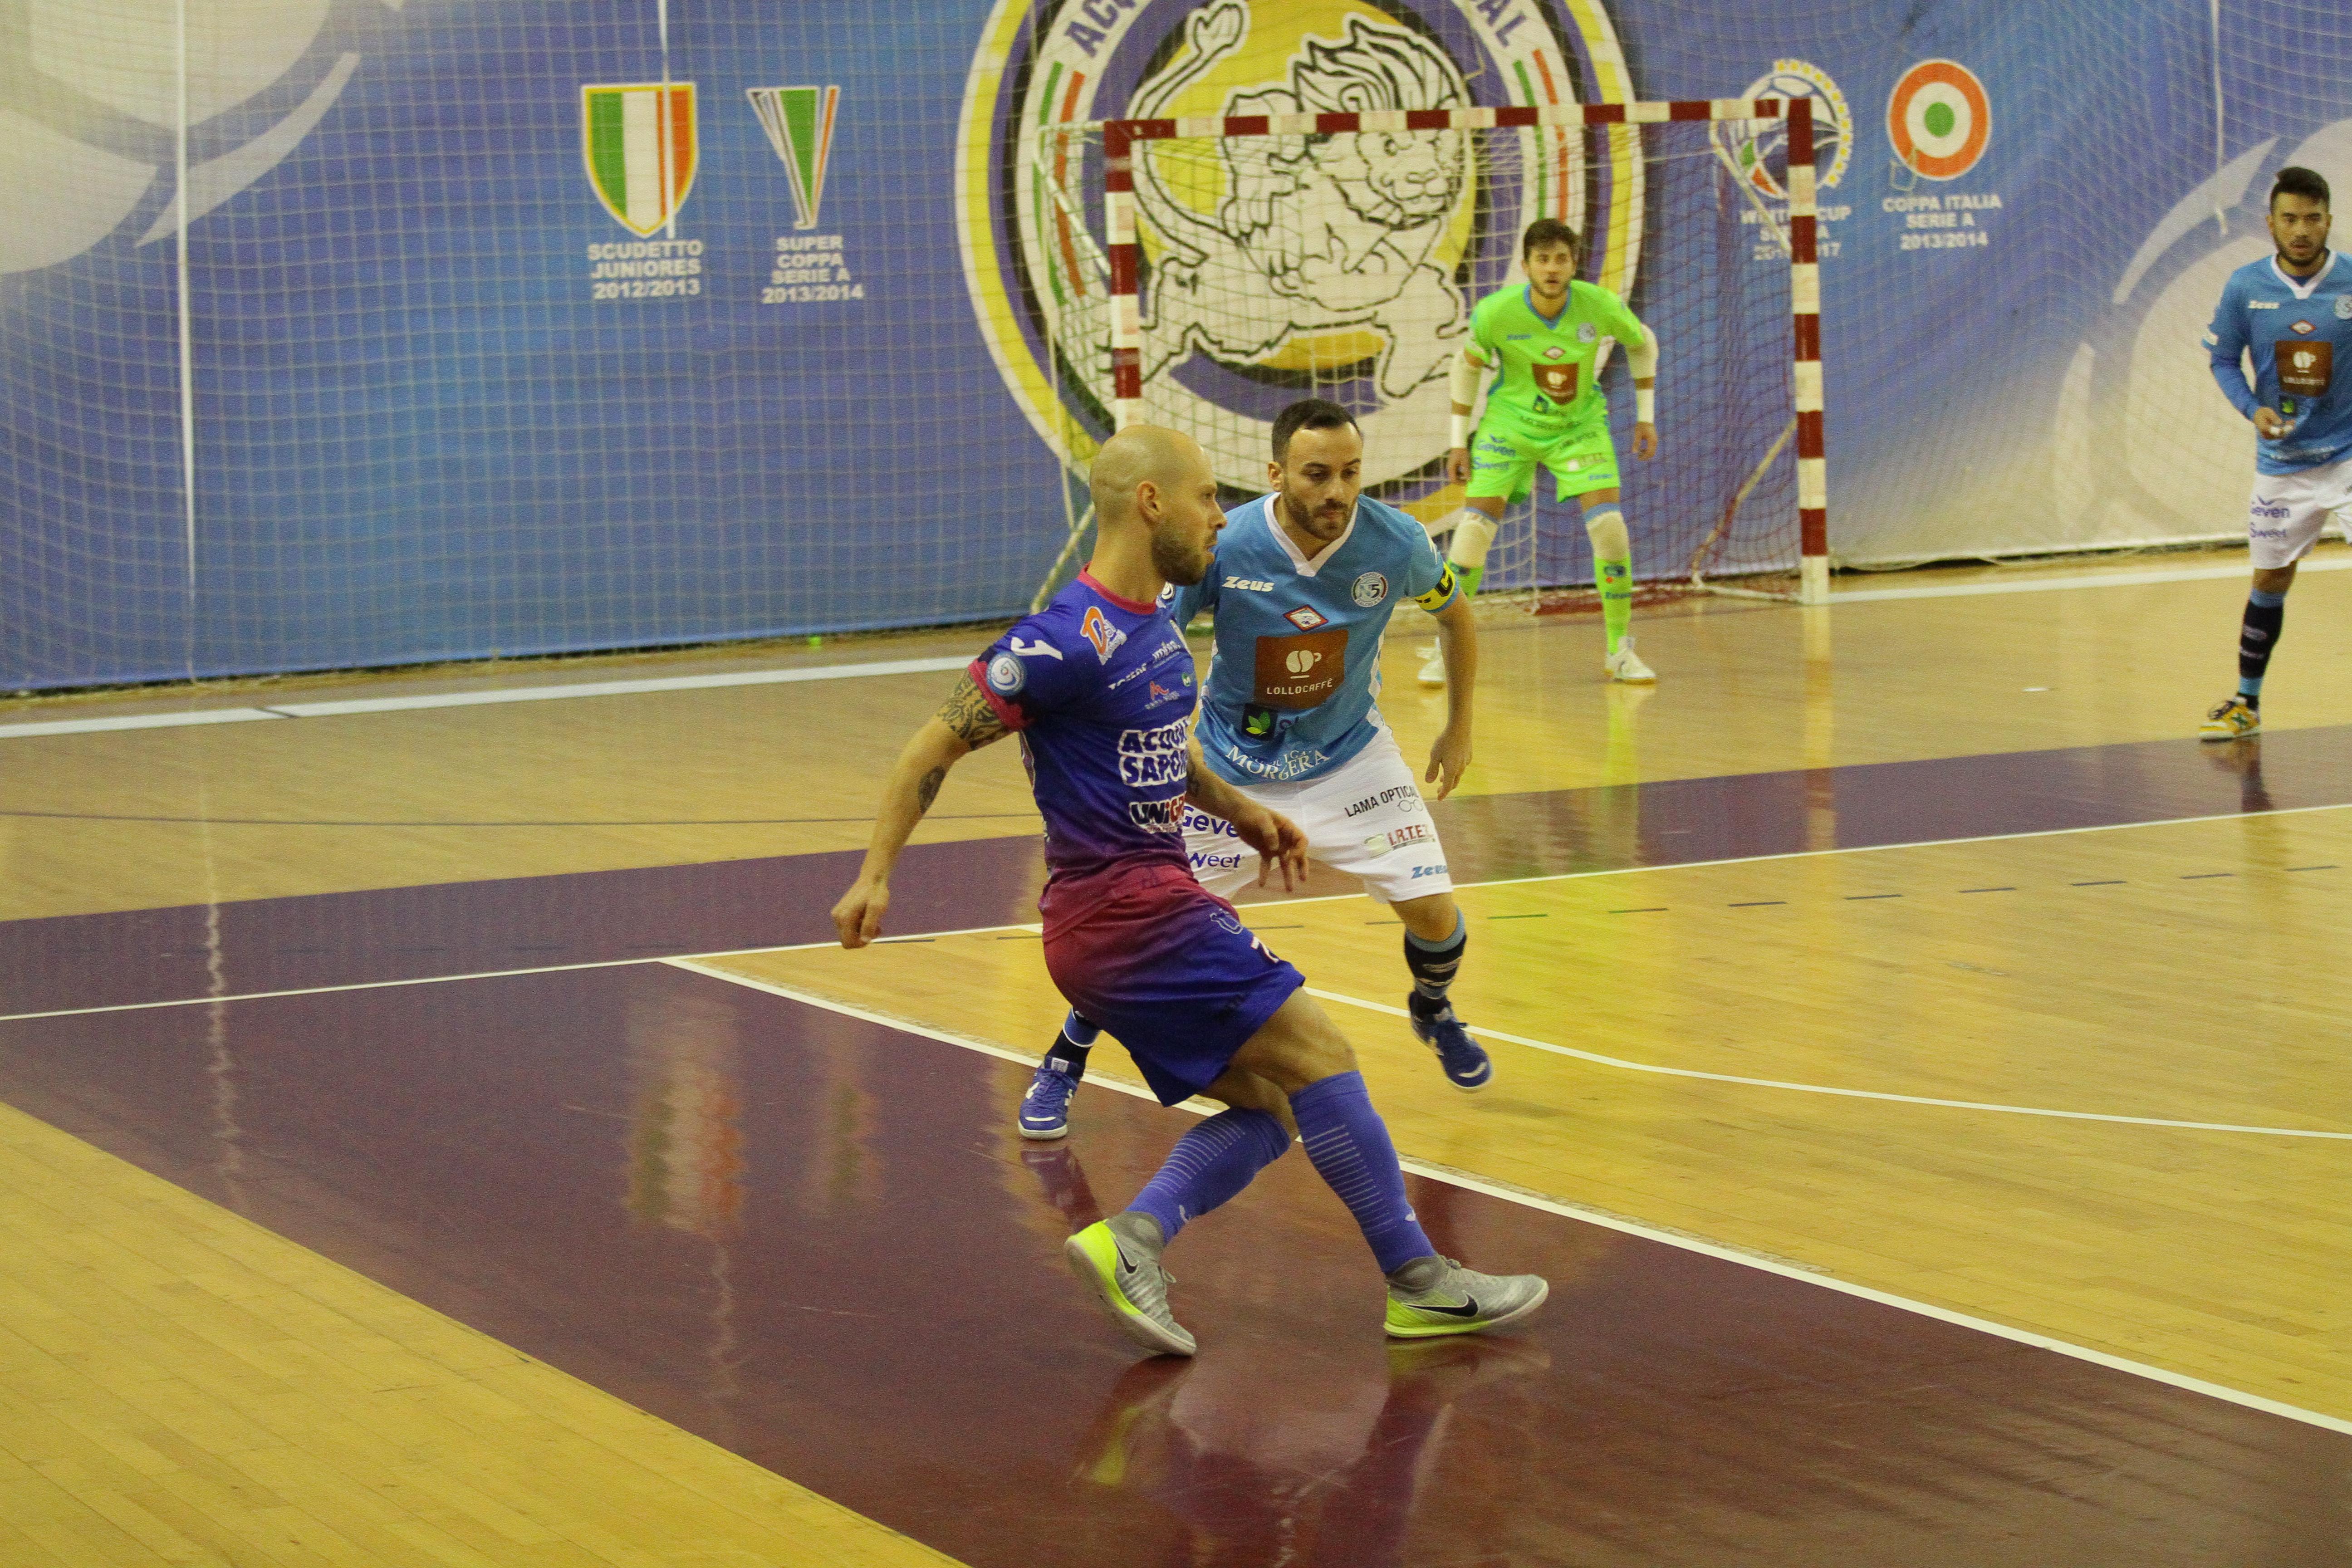 Calcio a 5. Acqua&Sapone:Vince (4-3) il Kaos, ma la vetta resta nerazzurra